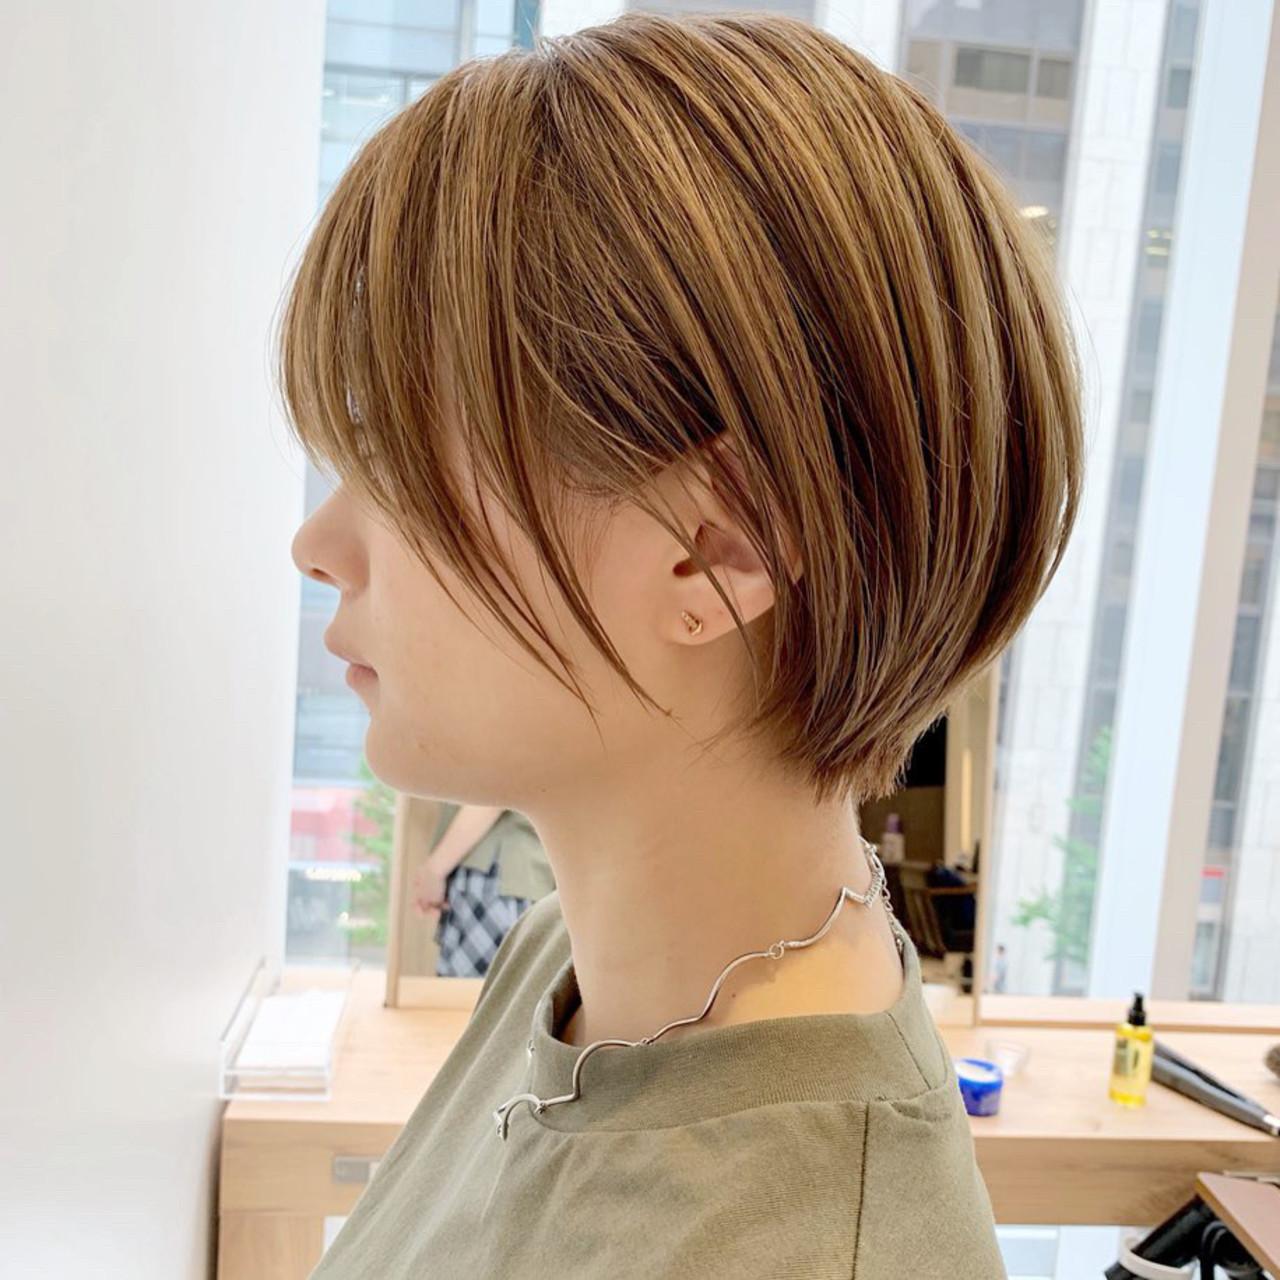 ショートボブ オフィス ハイライト 大人かわいい ヘアスタイルや髪型の写真・画像 | ショートヘア美容師 #ナカイヒロキ / 『send by HAIR』